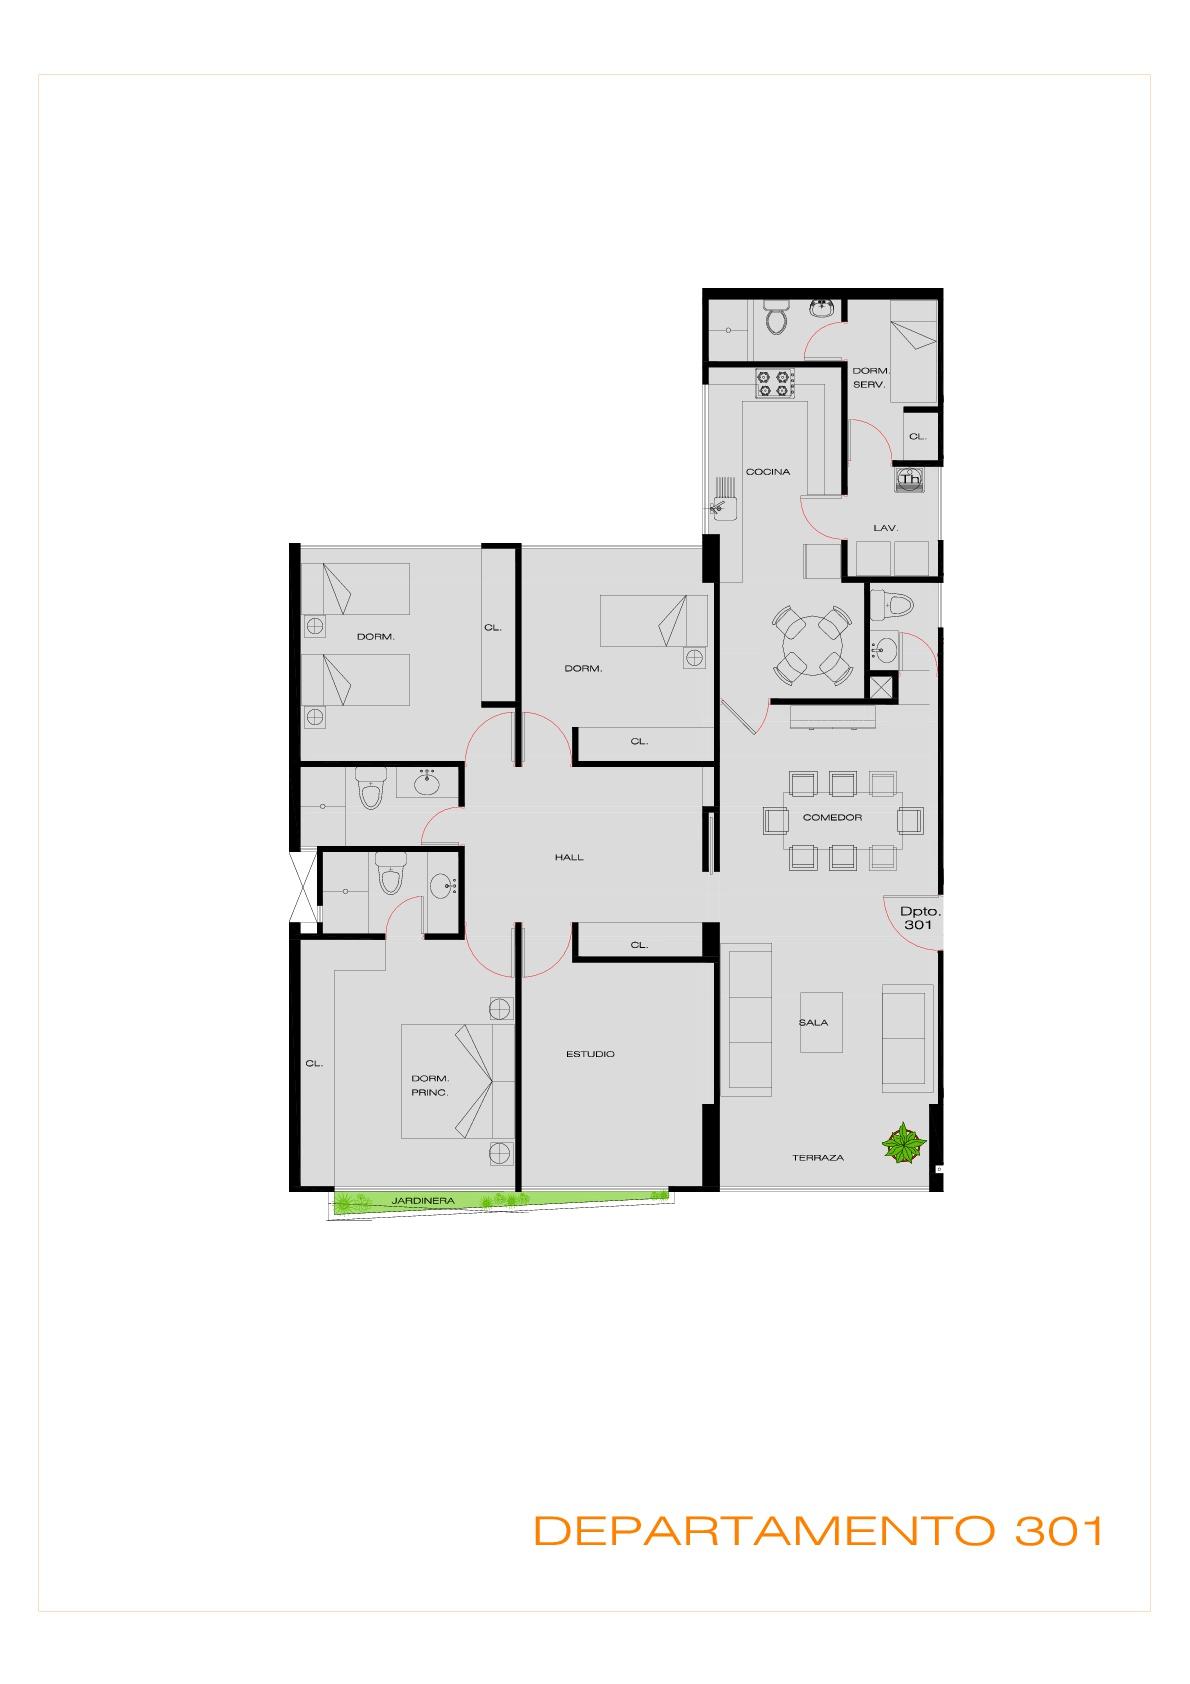 Proyecto edificio multifamiliar los huancas for Edificio de departamentos planos